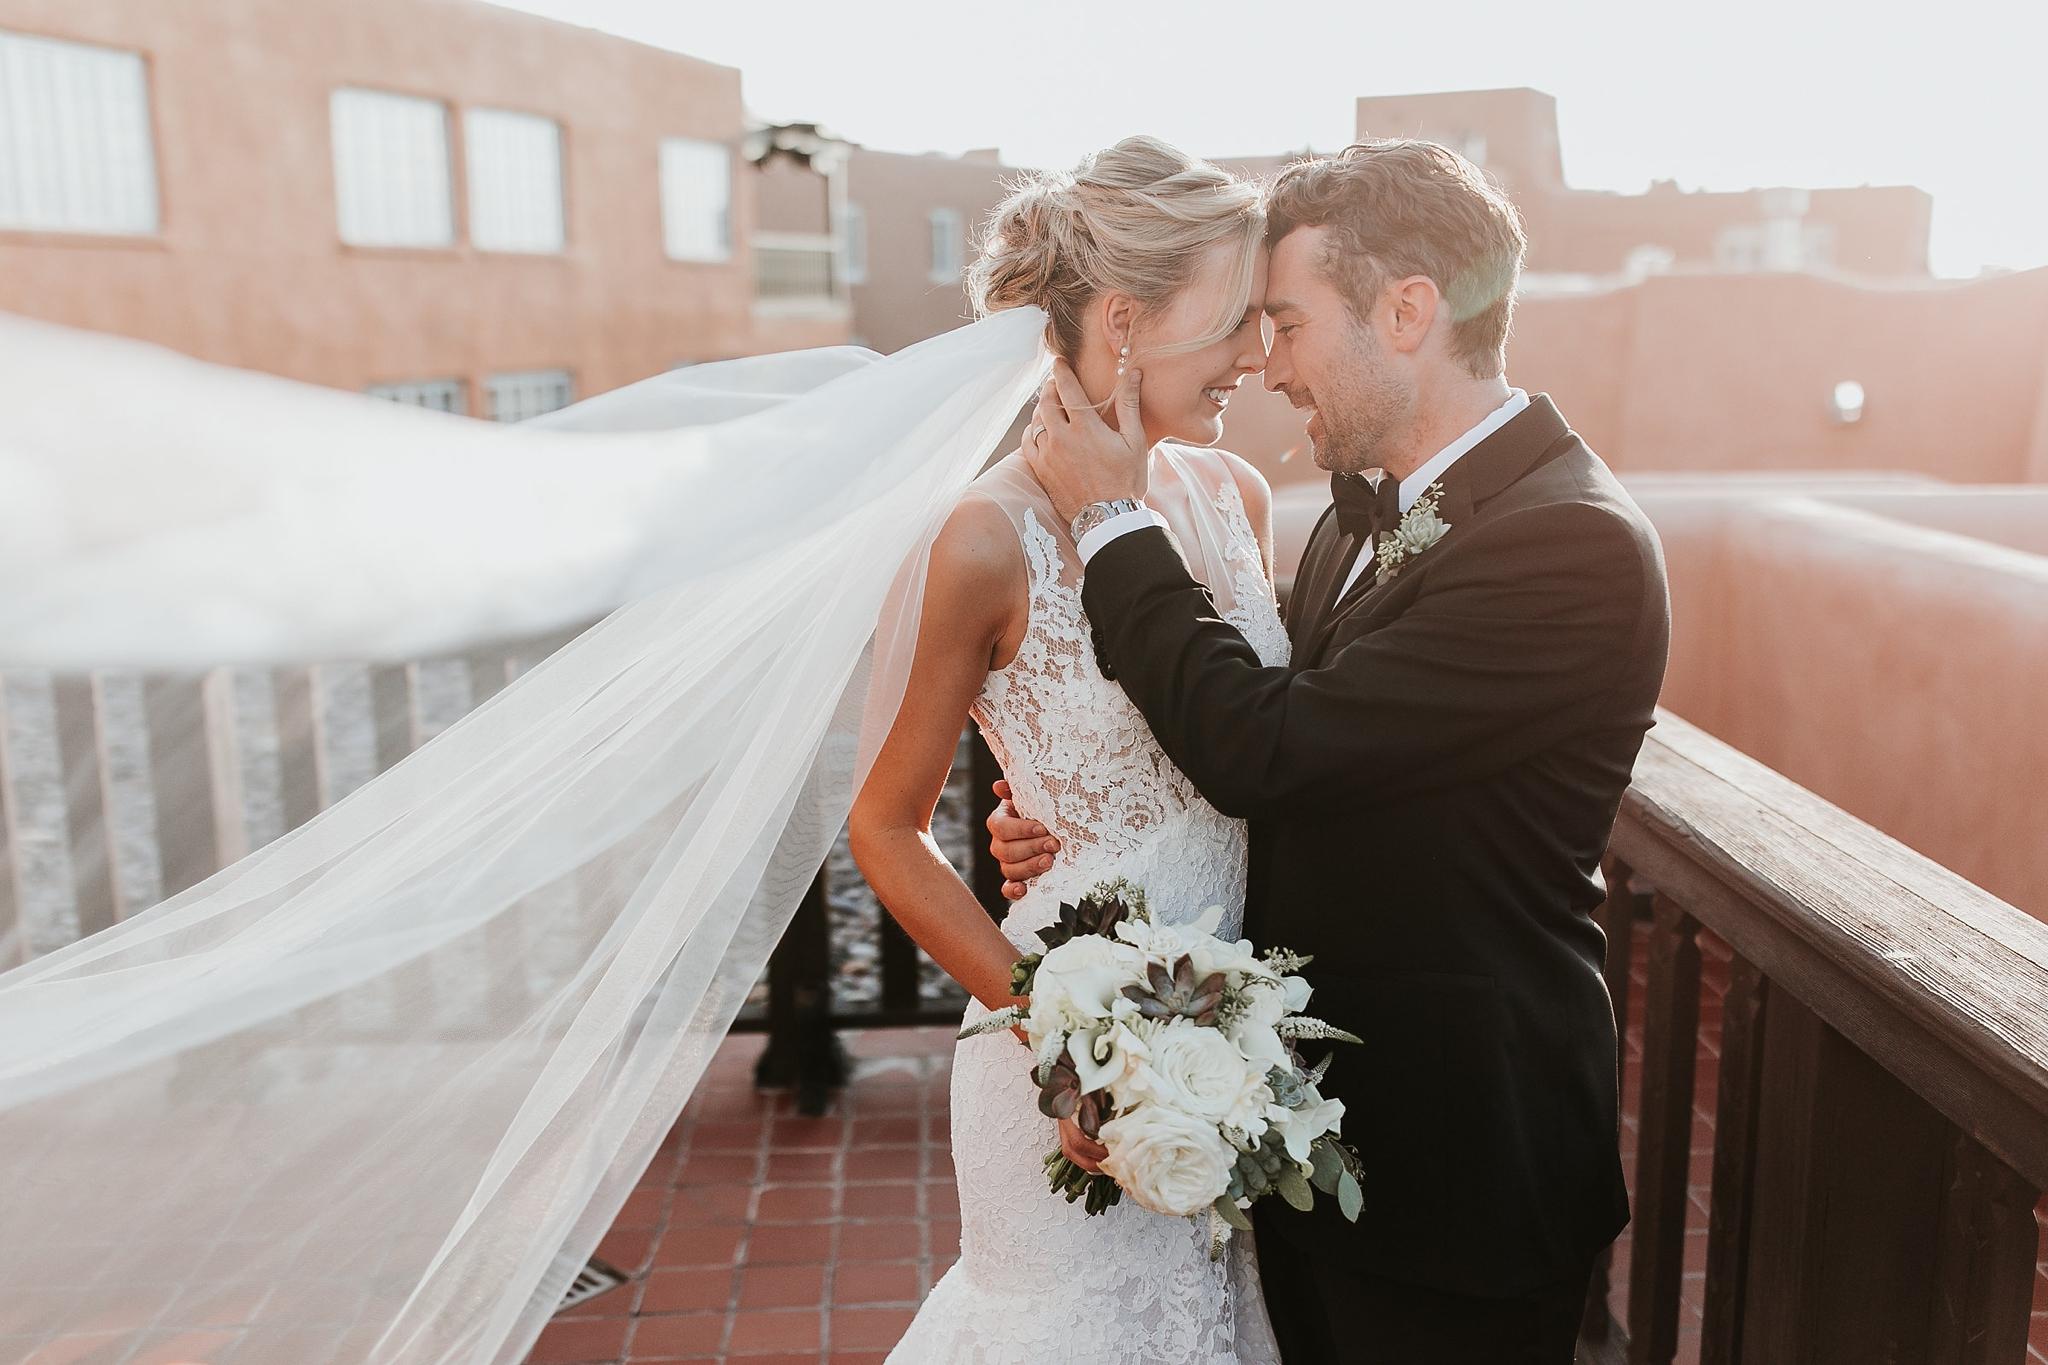 Alicia+lucia+photography+-+albuquerque+wedding+photographer+-+santa+fe+wedding+photography+-+new+mexico+wedding+photographer+-+new+mexico+wedding+-+summer+wedding+-+summer+wedding+florals+-+southwest+wedding_0104.jpg